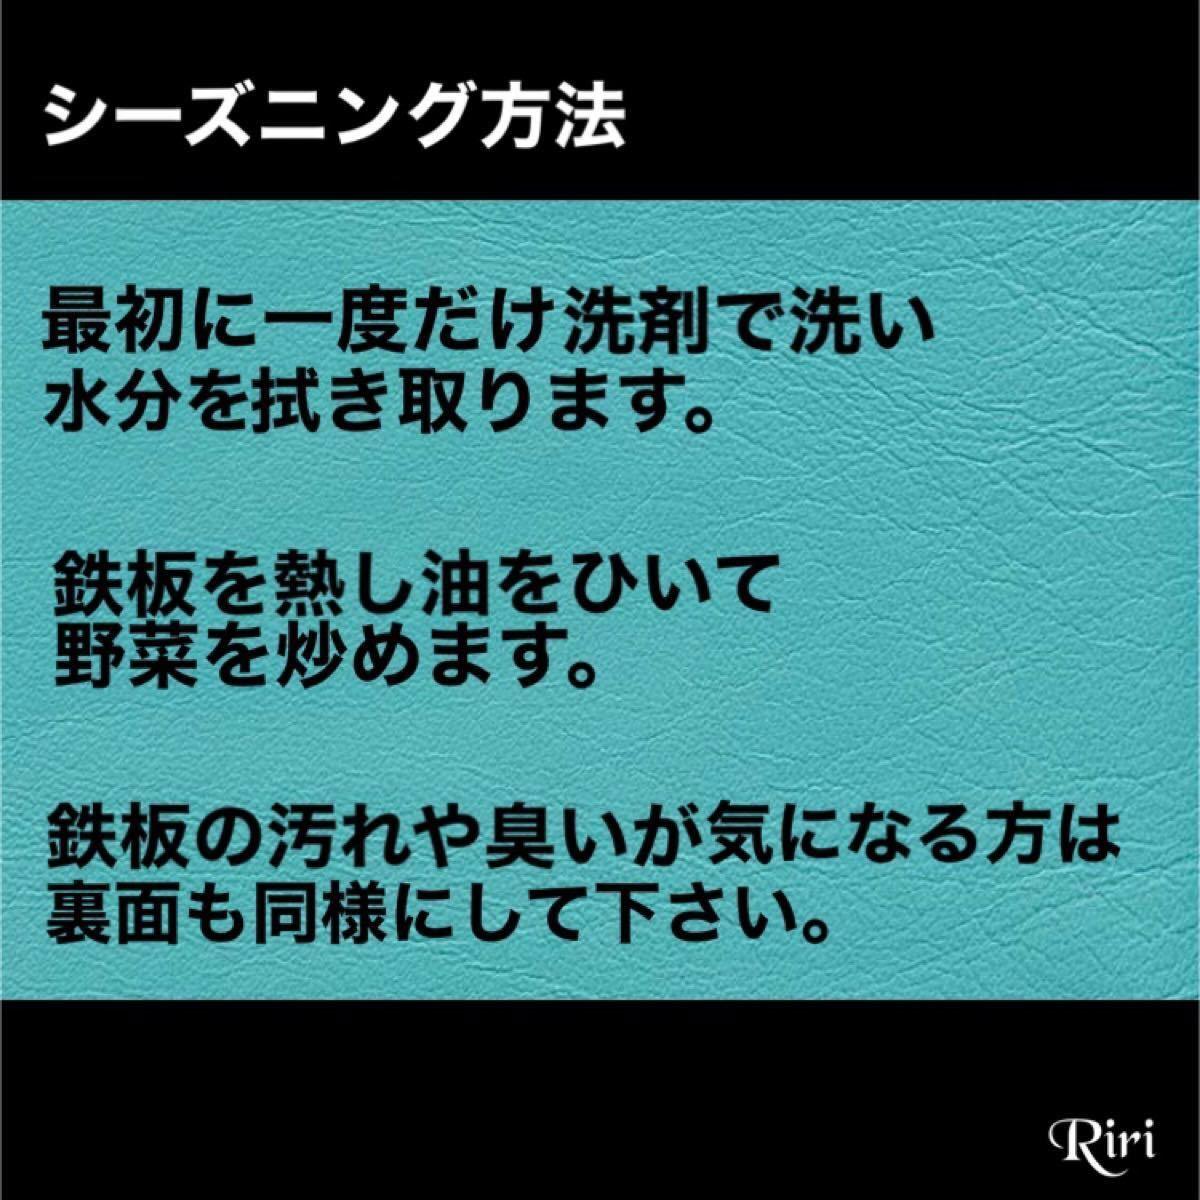 鉄板/ メスティン/ラージ/ アウトドア/ 4点